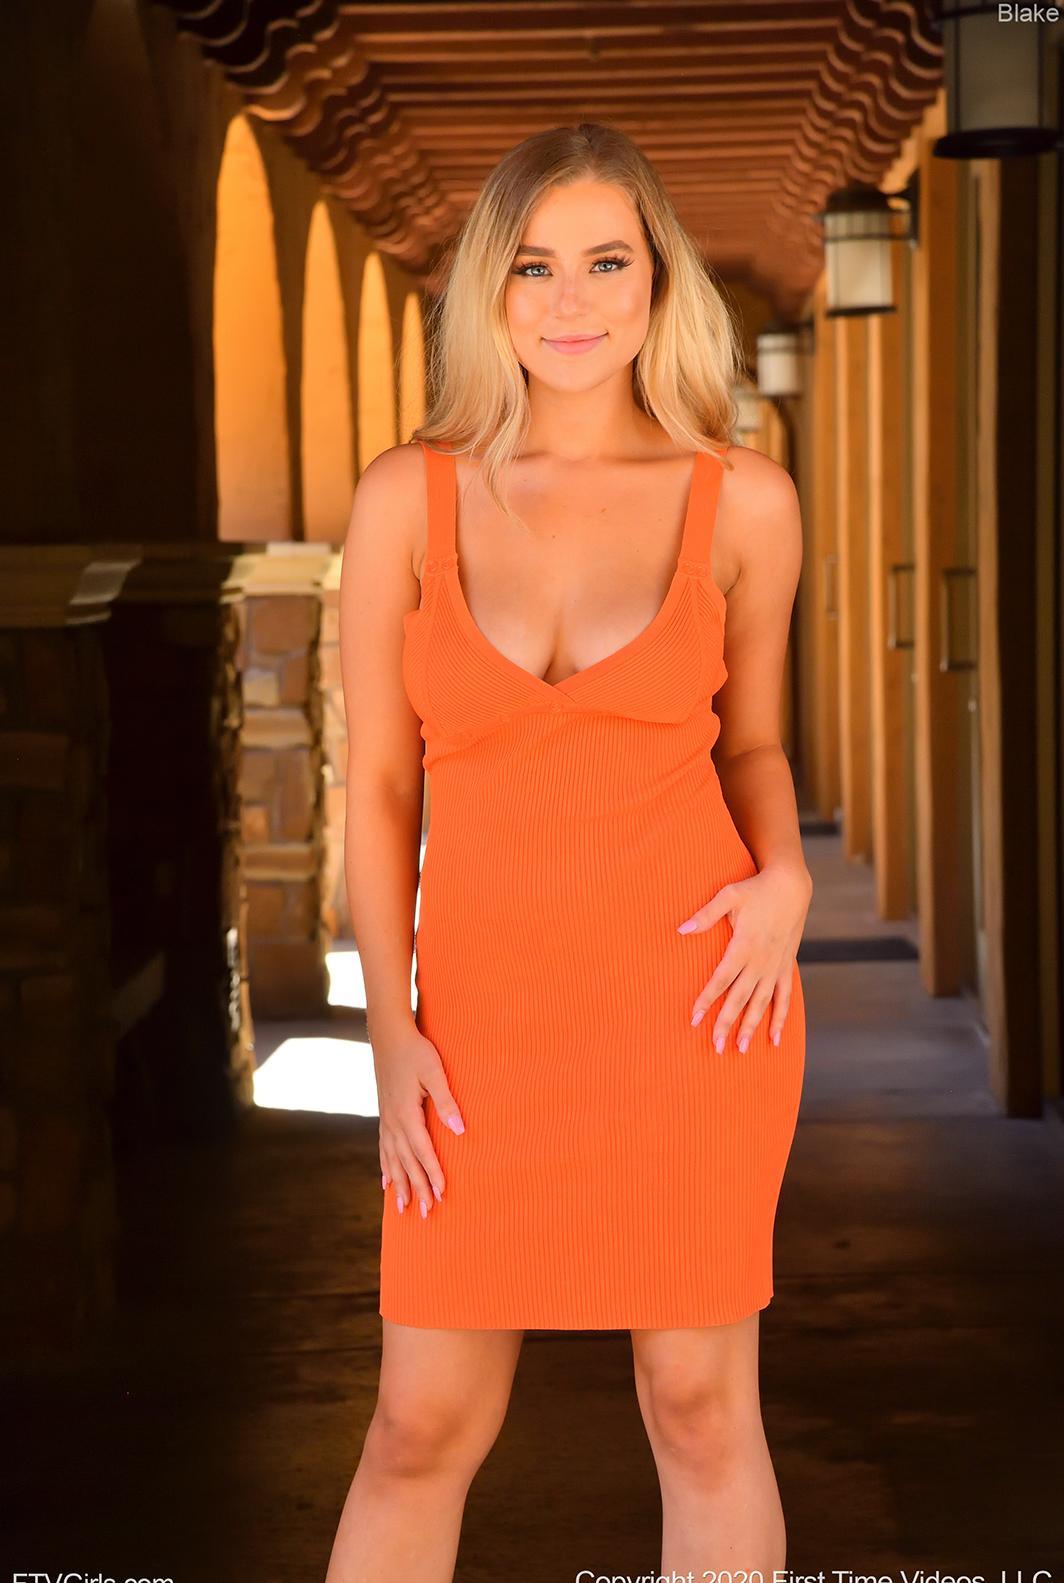 blonde schönheit, influencerin und fashion bloggerin blake mit geilen nahaufnahmen ihrer schönen rasierten votze picture 2